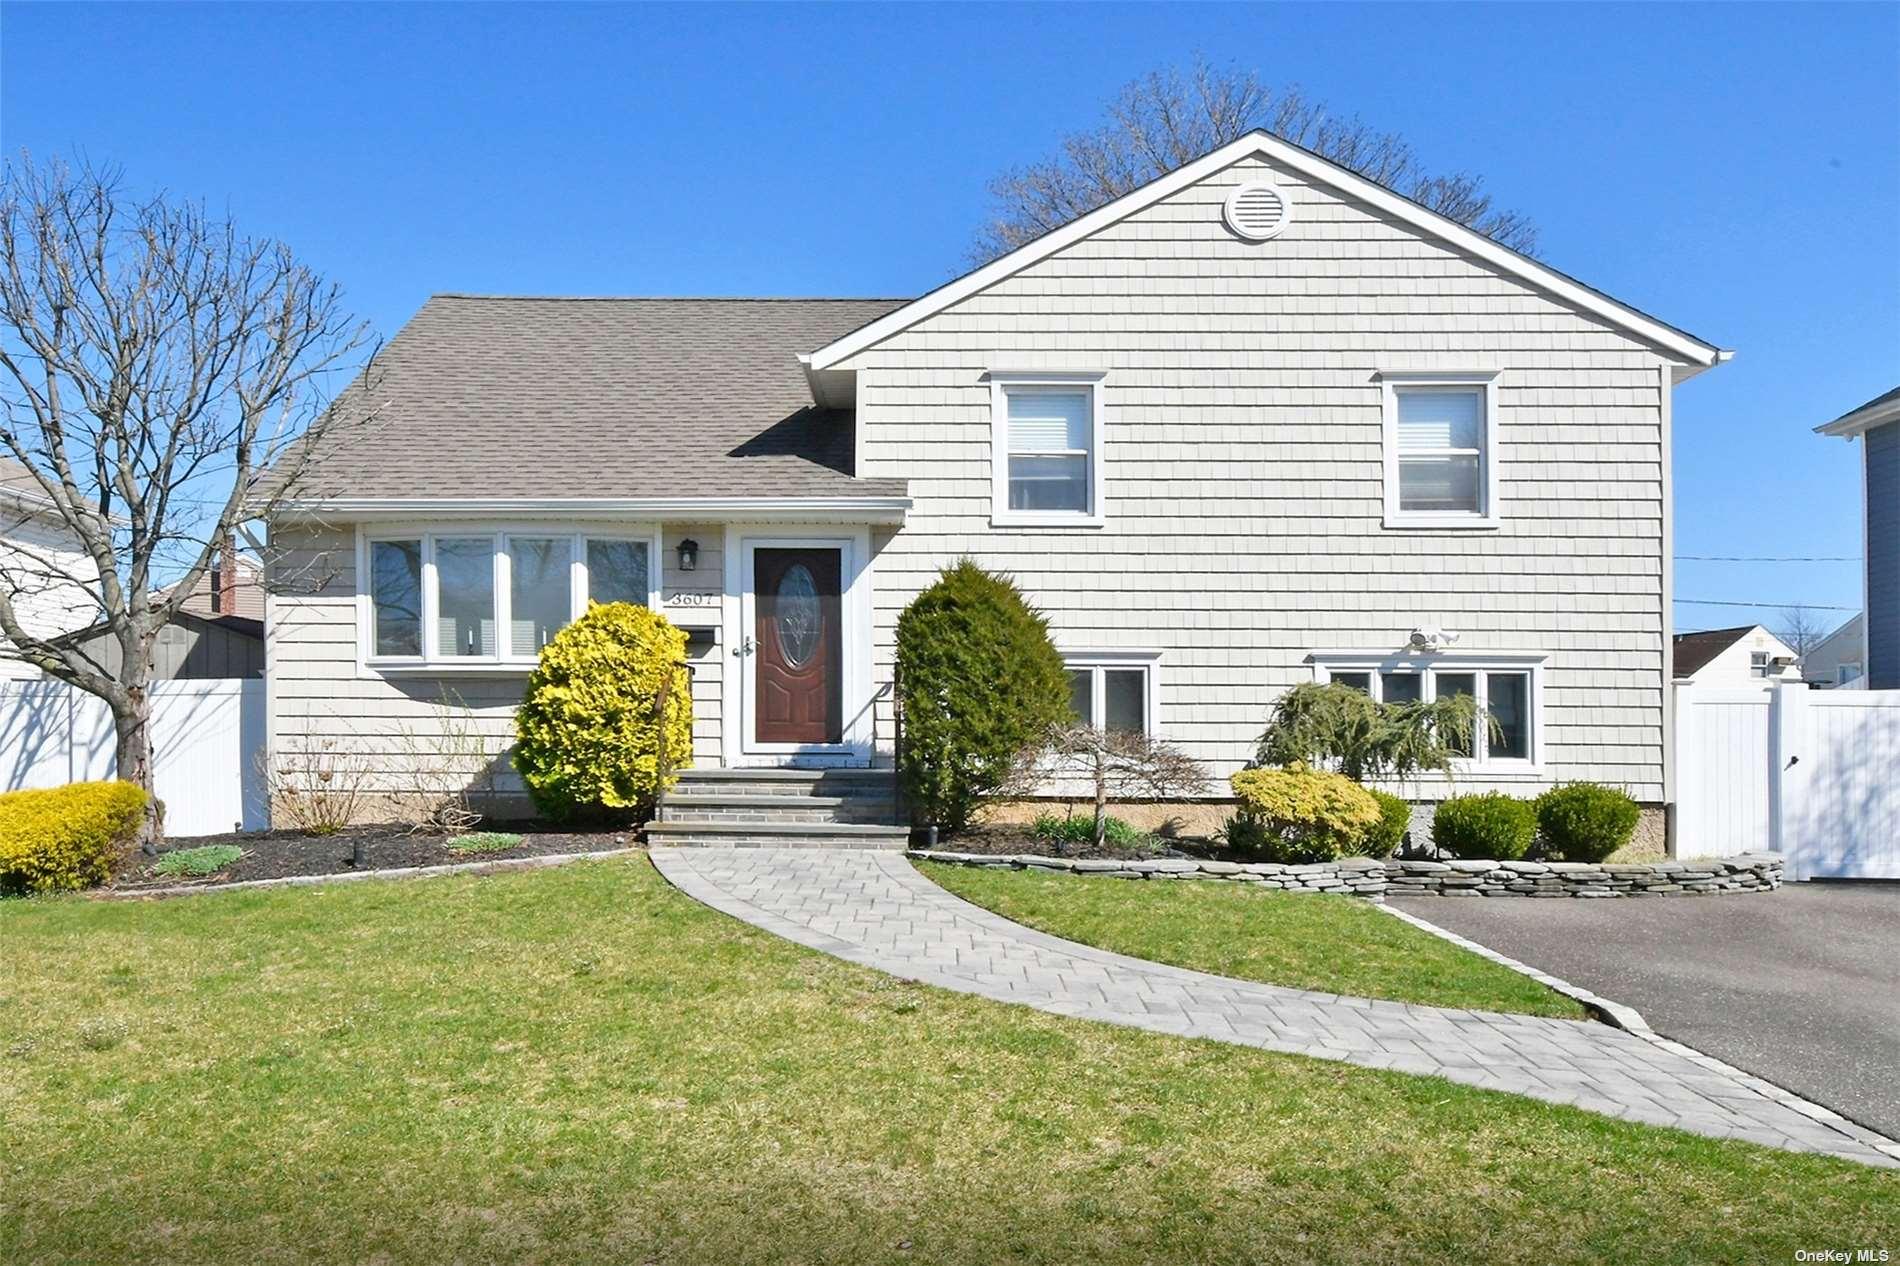 Photo of 3607 Sarah Drive, Wantagh, NY 11793, Wantagh, NY 11793